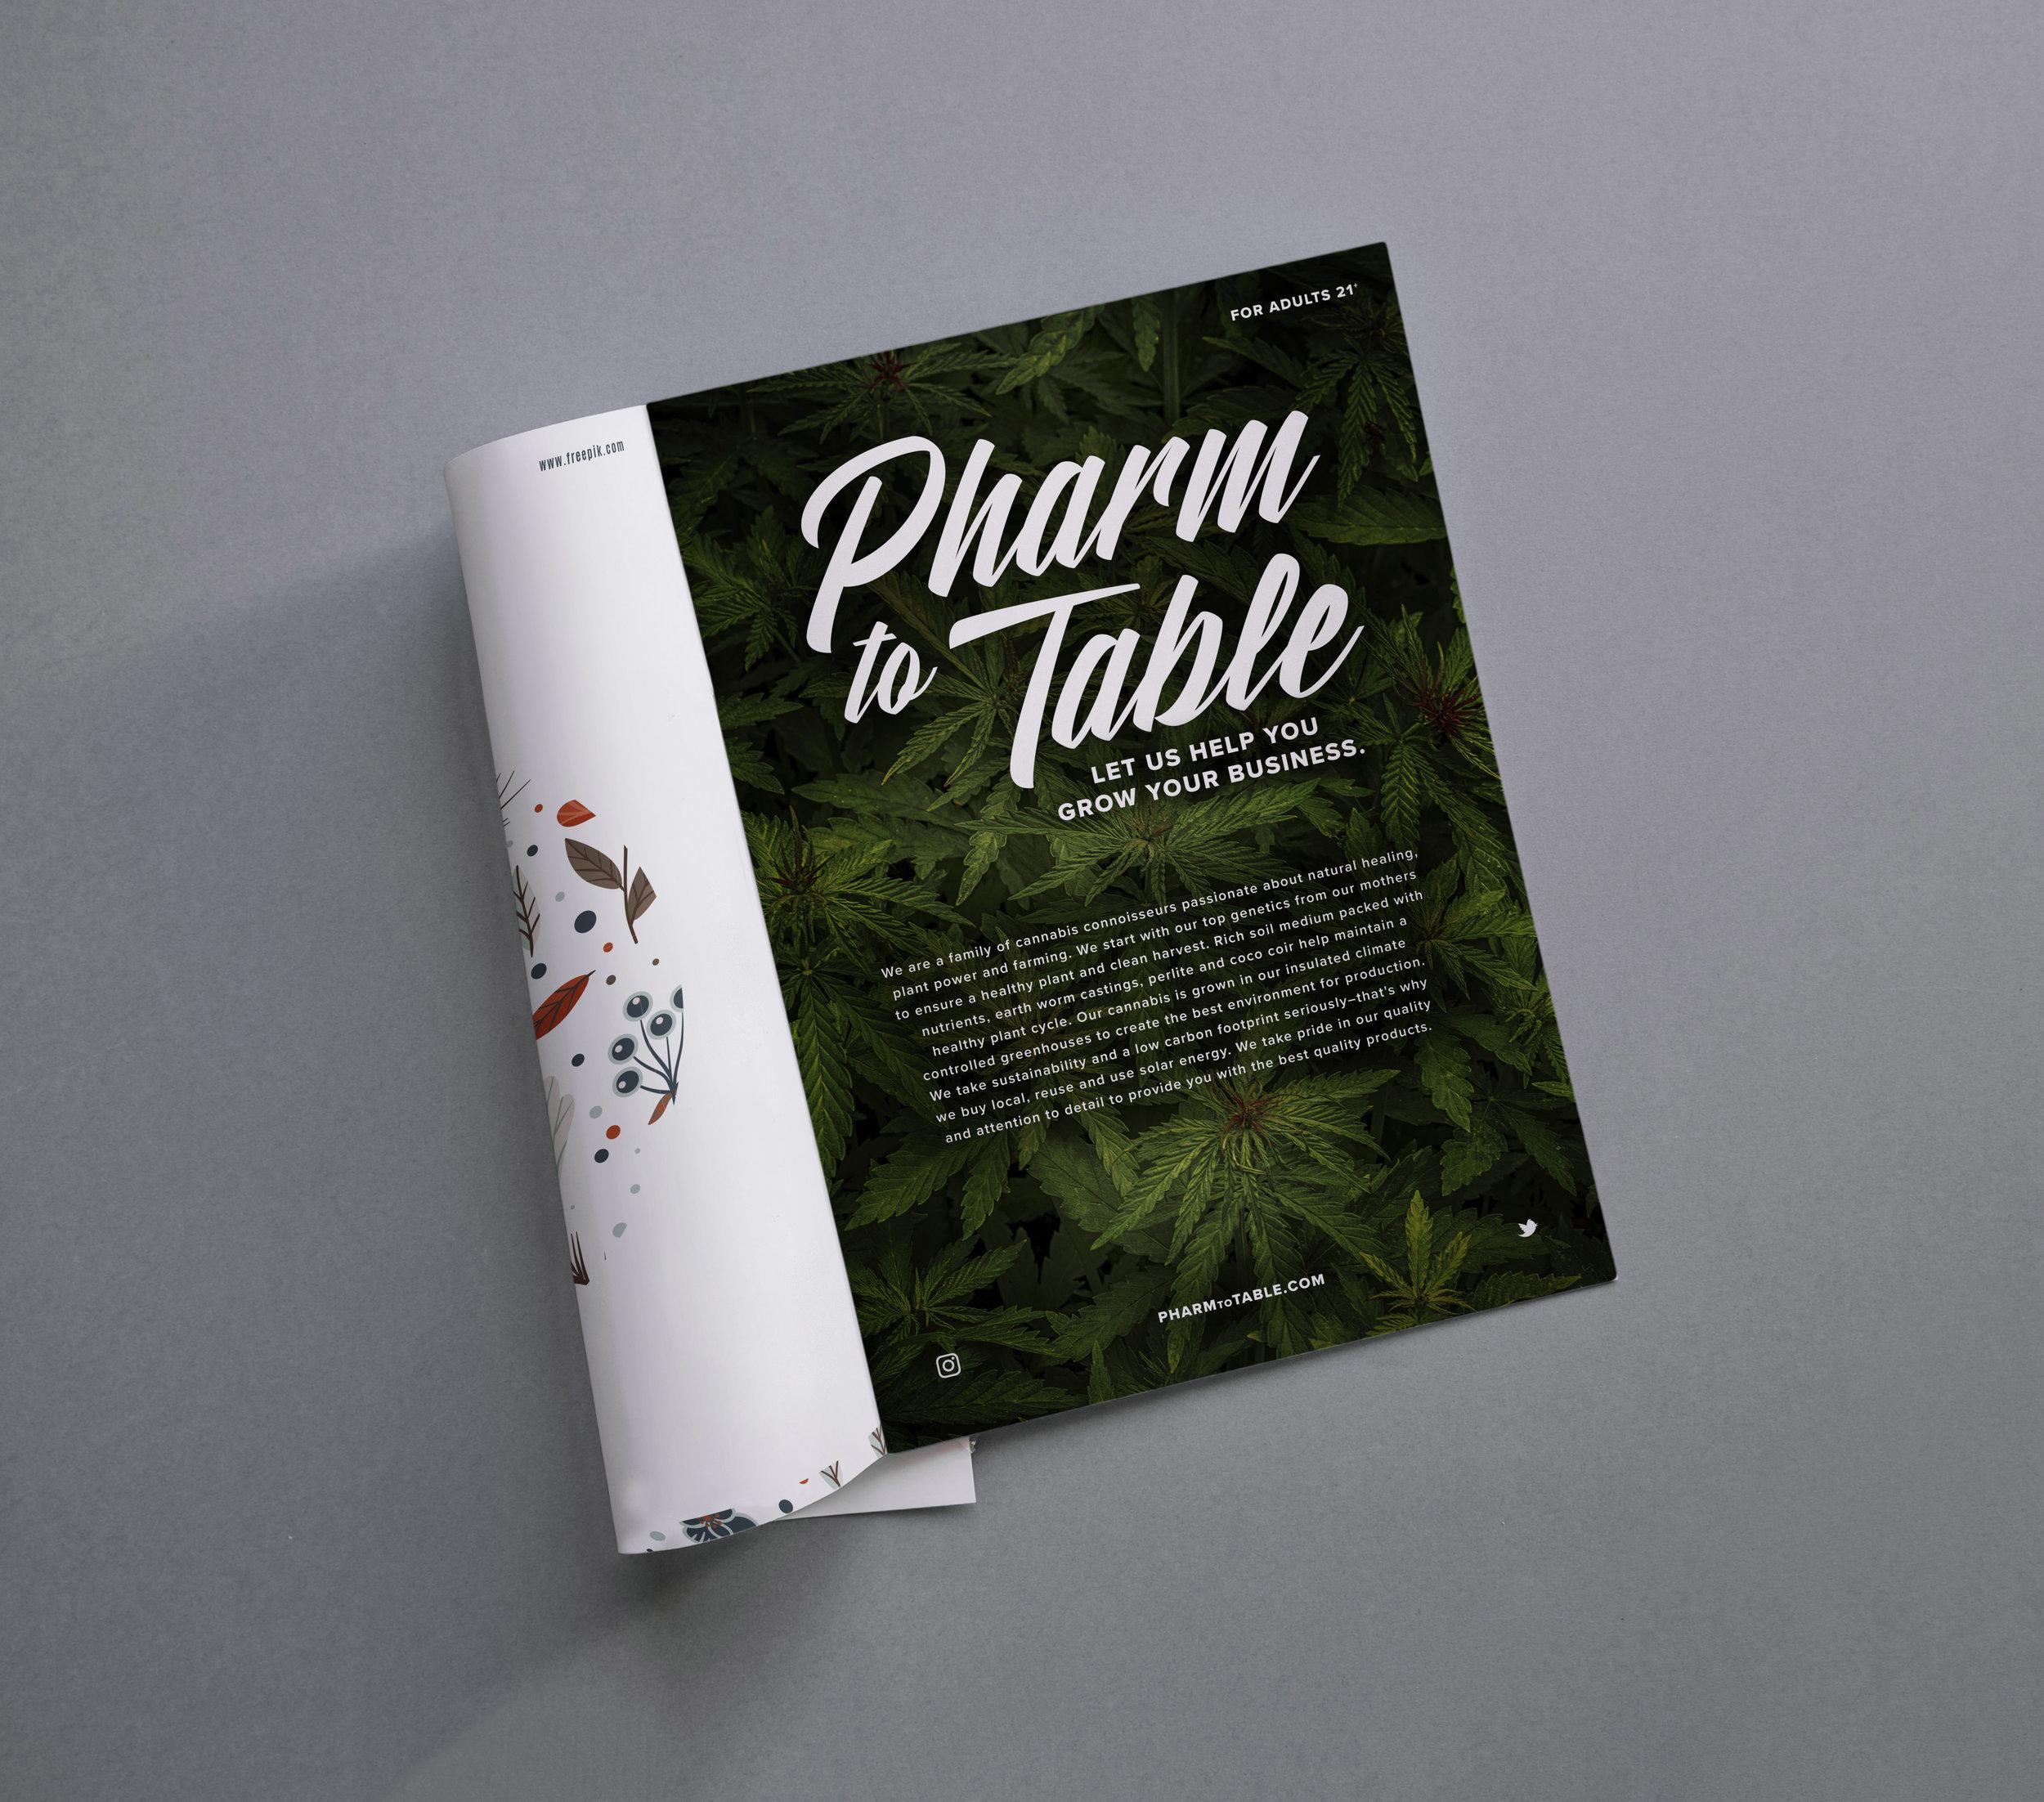 PharmToTable_Magazine.jpg